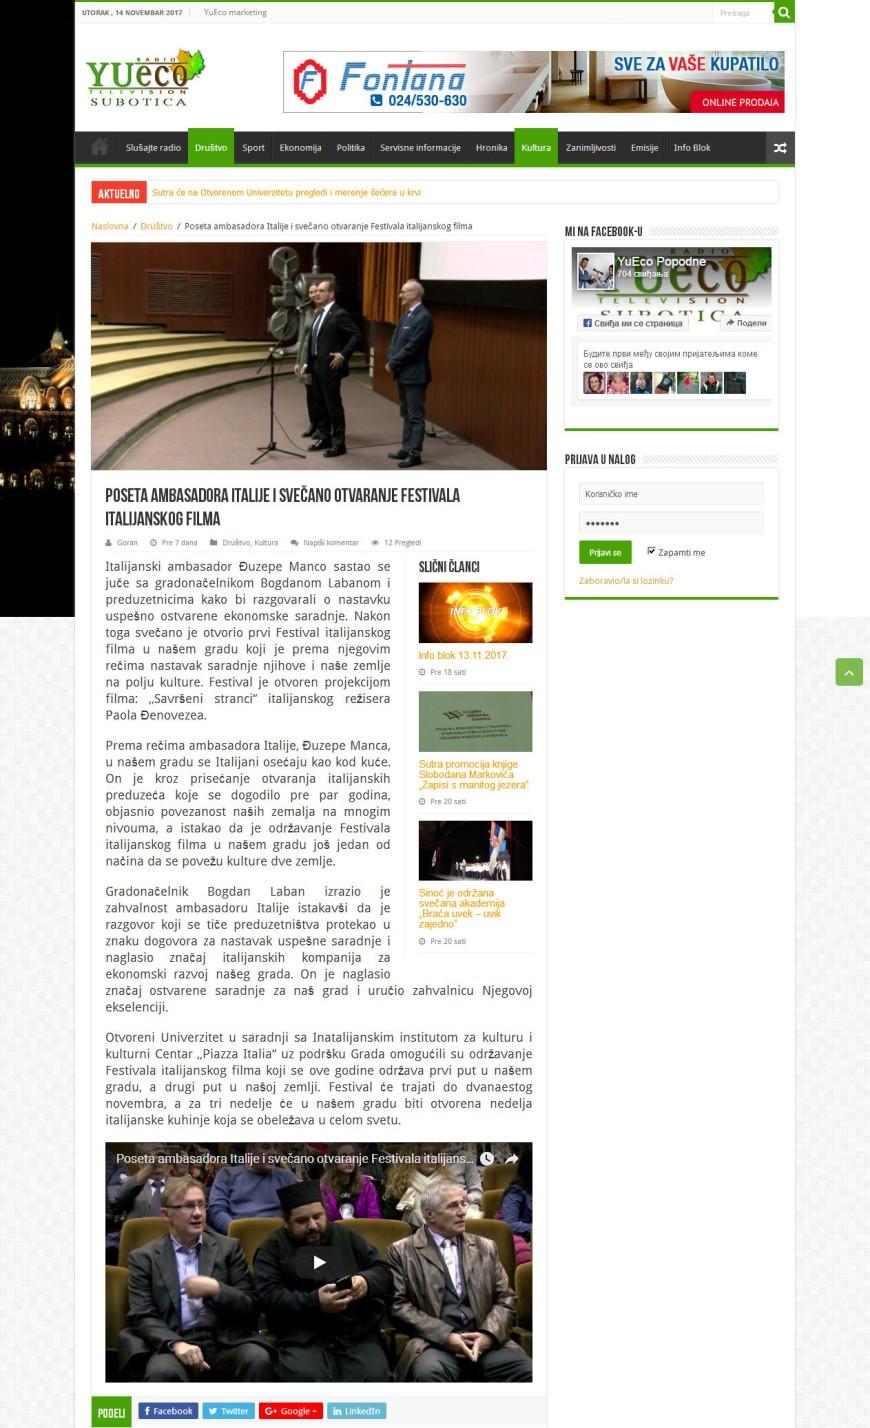 0711 - yueco.rs - Poseta ambasadora Italije i sve-ìano otvaranje Festivala italijanskog filma